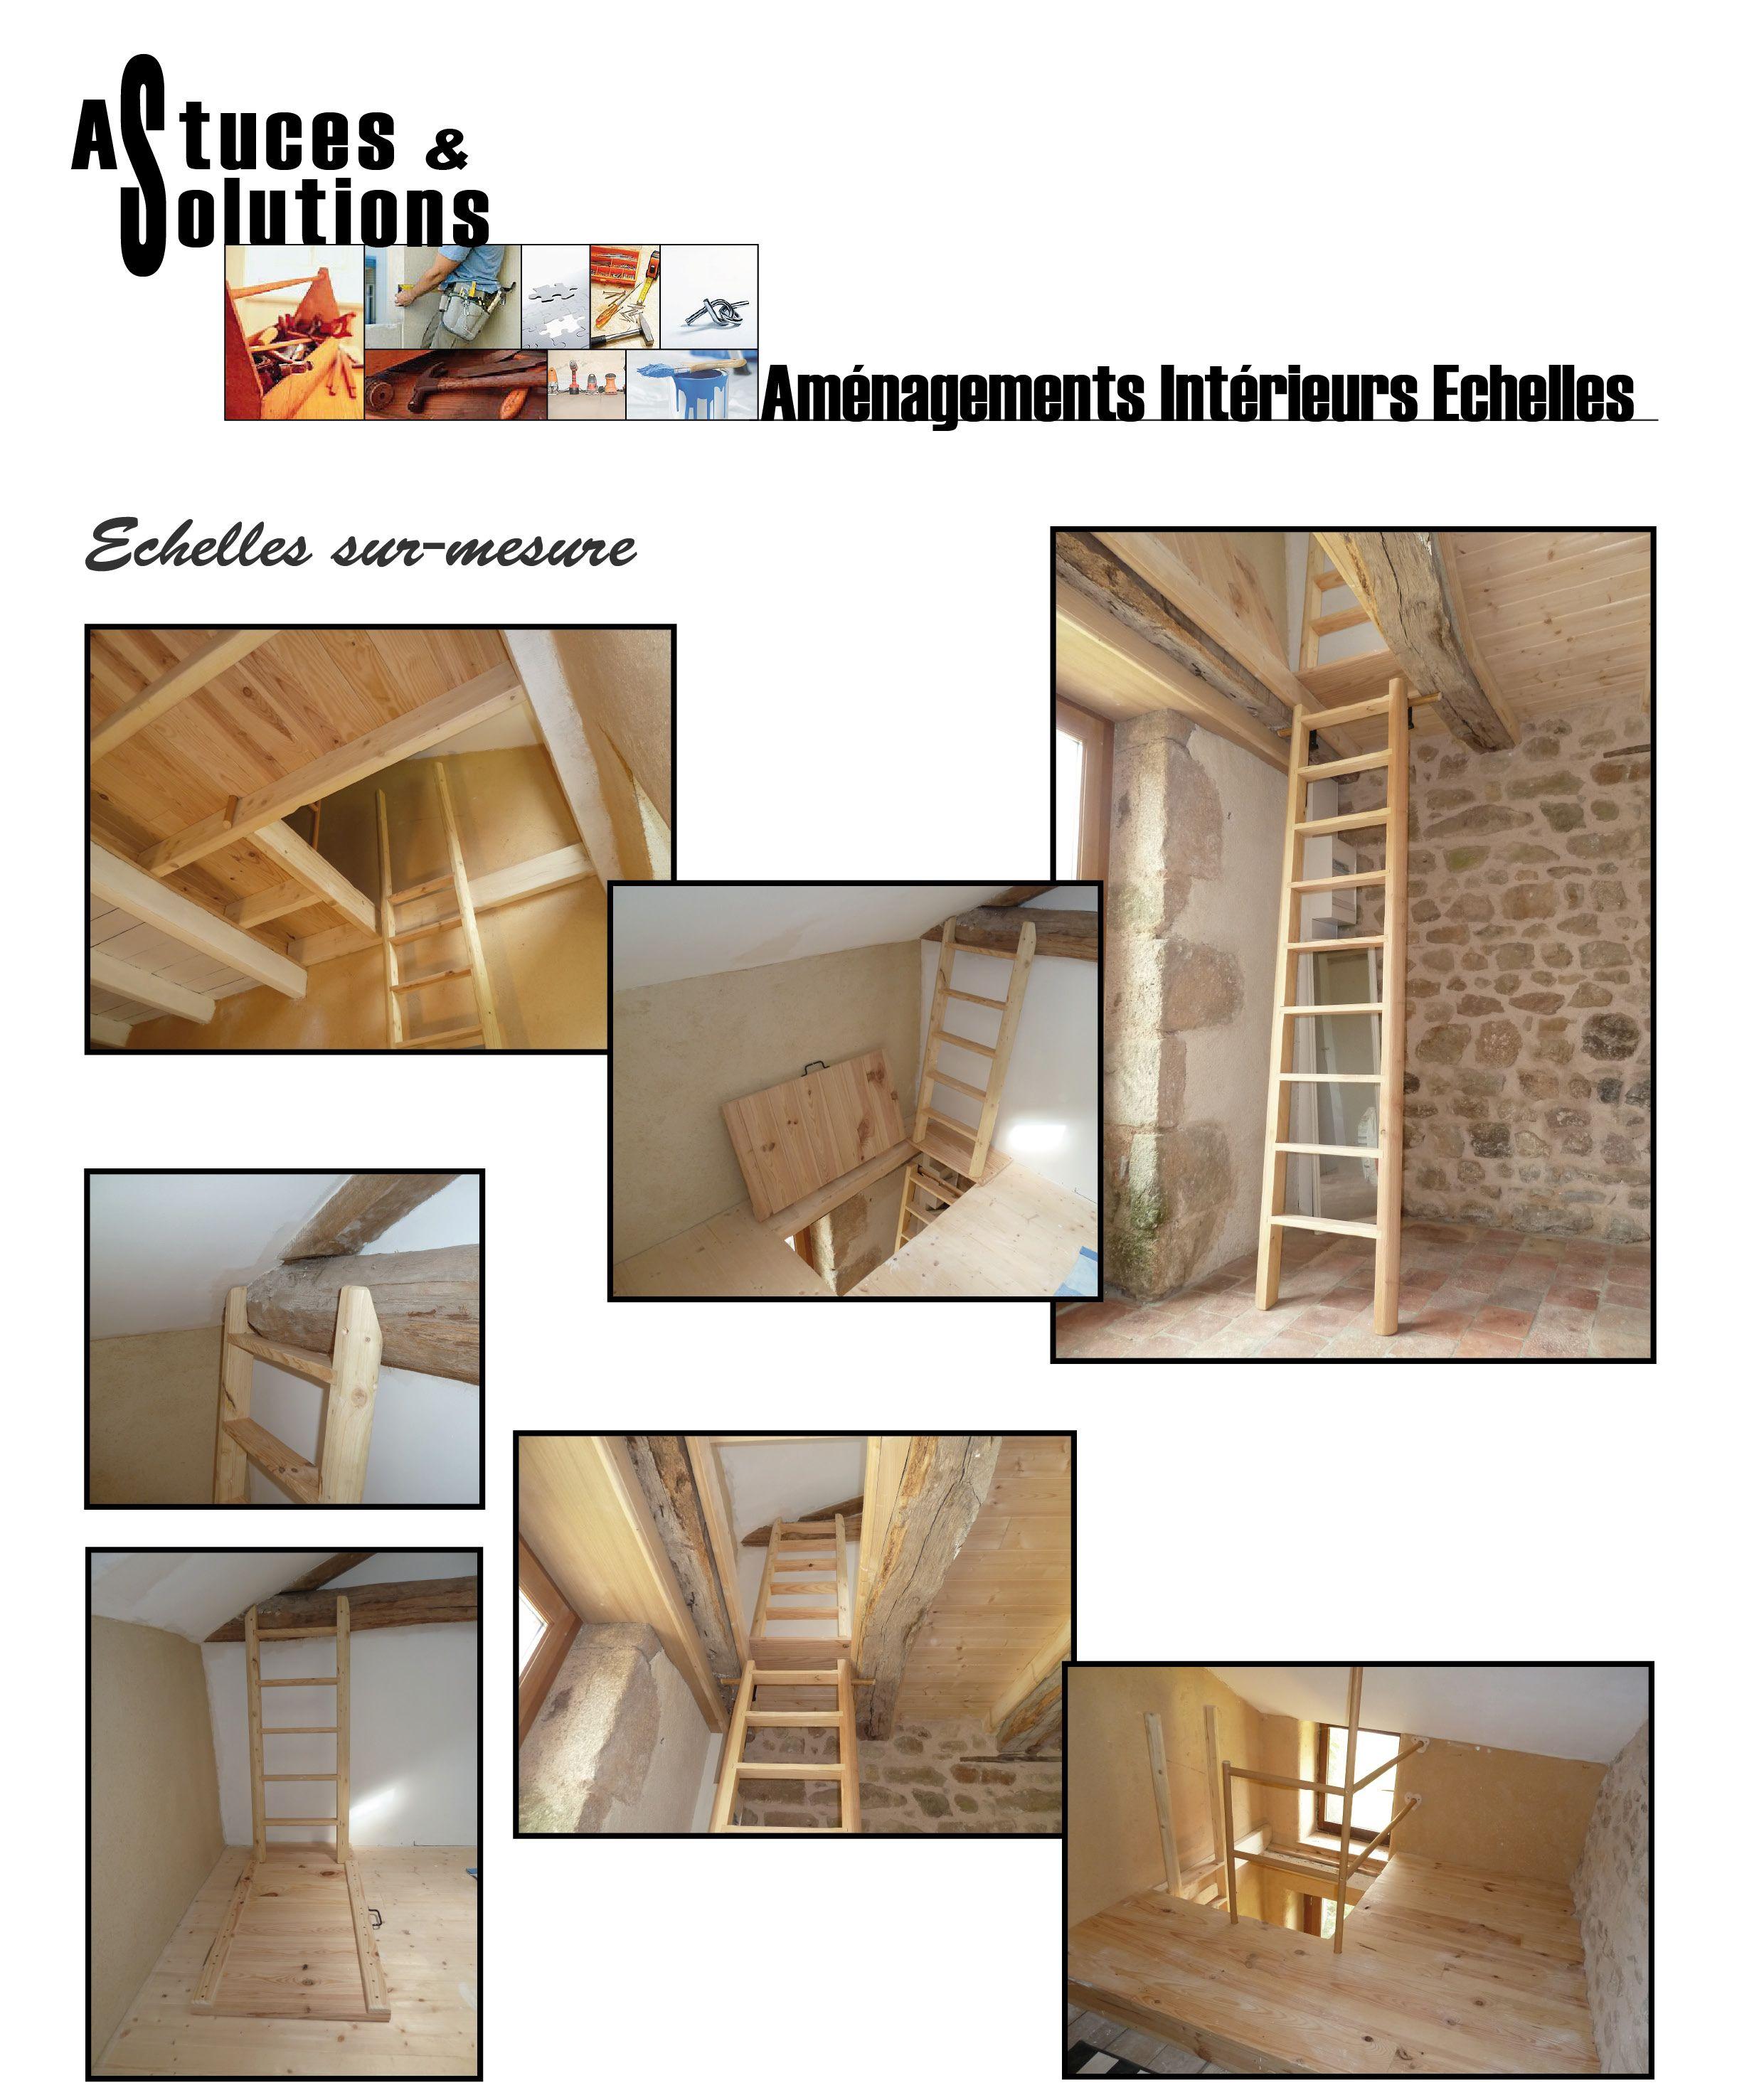 Chelles mezzanine comble grenier - Amenagement mezzanine basse ...